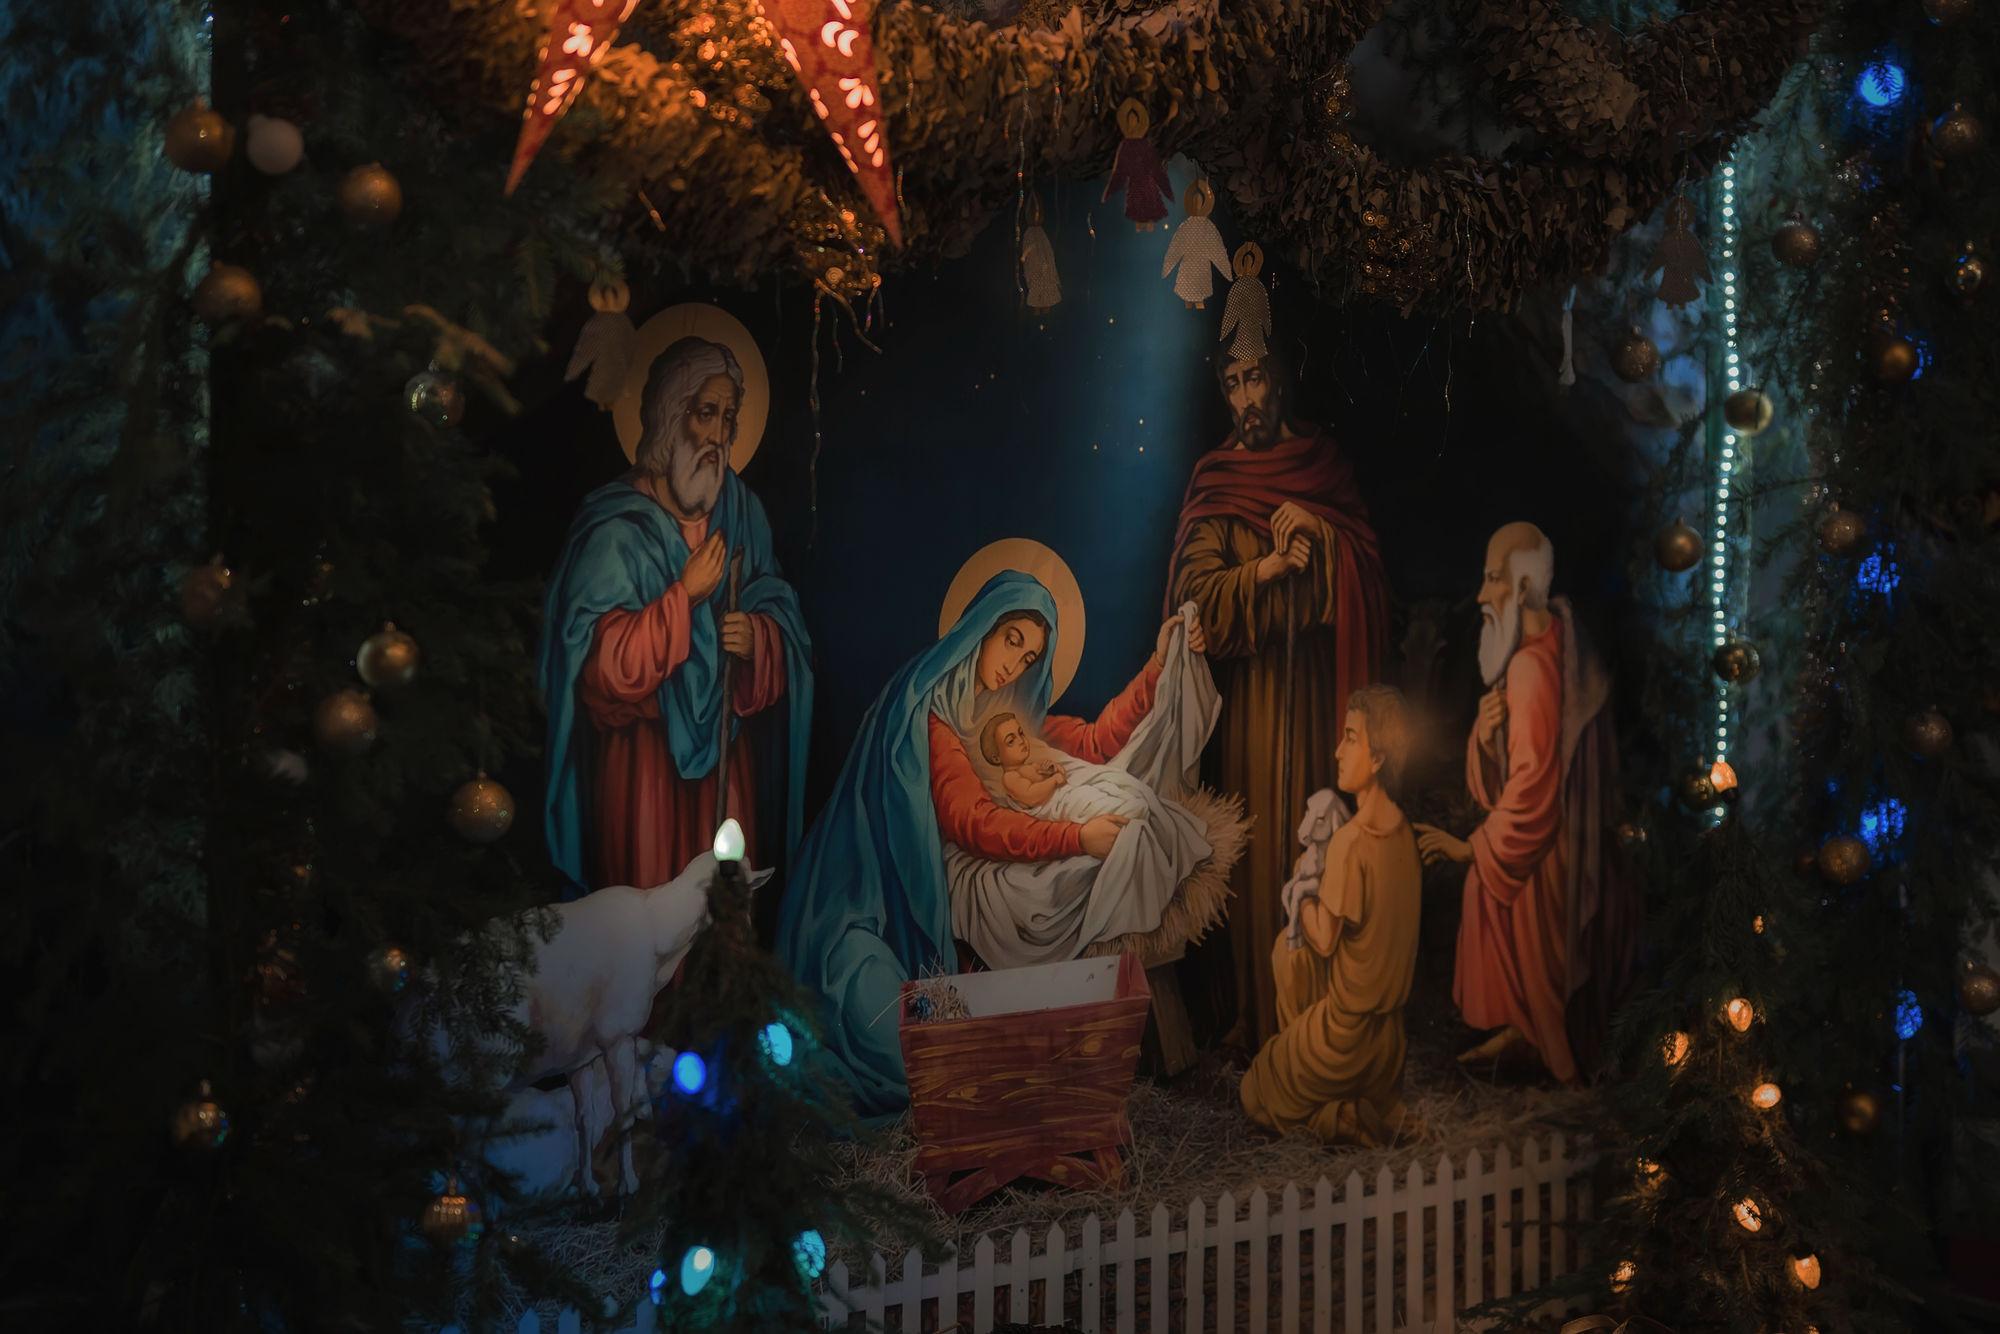 рождественский сочельник фото картинки длины штор